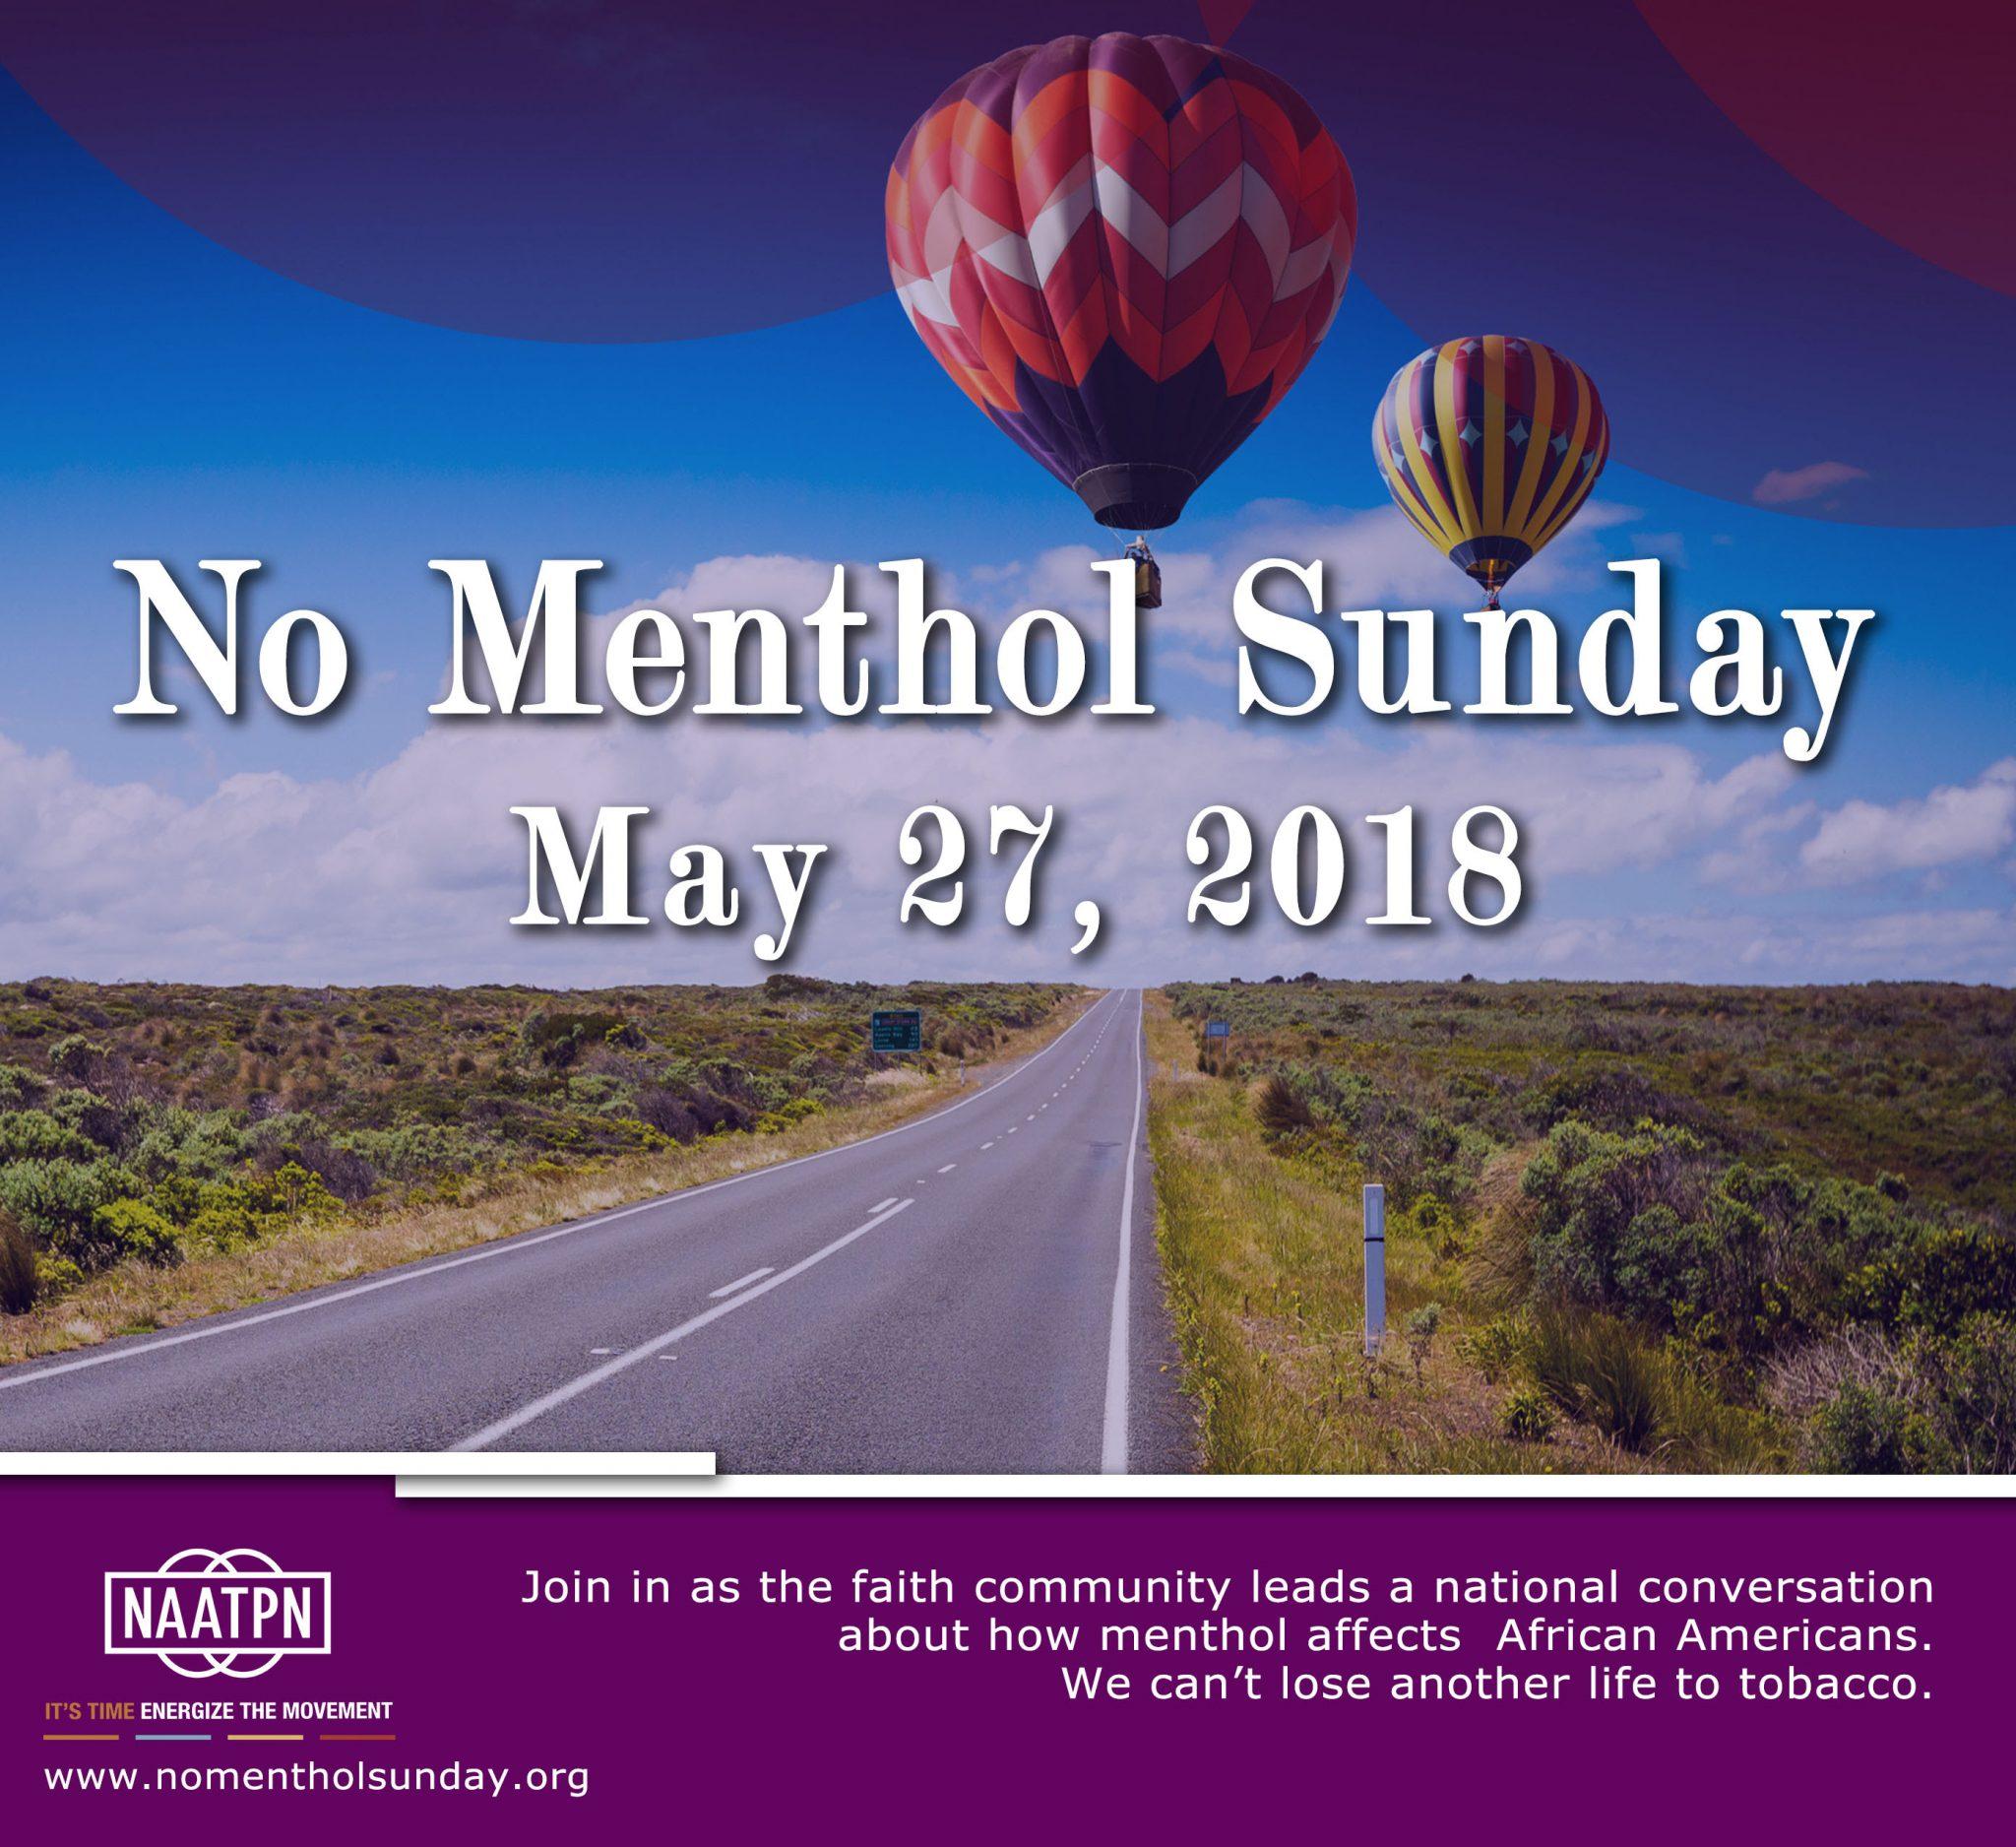 No Menthol Sunday 2018